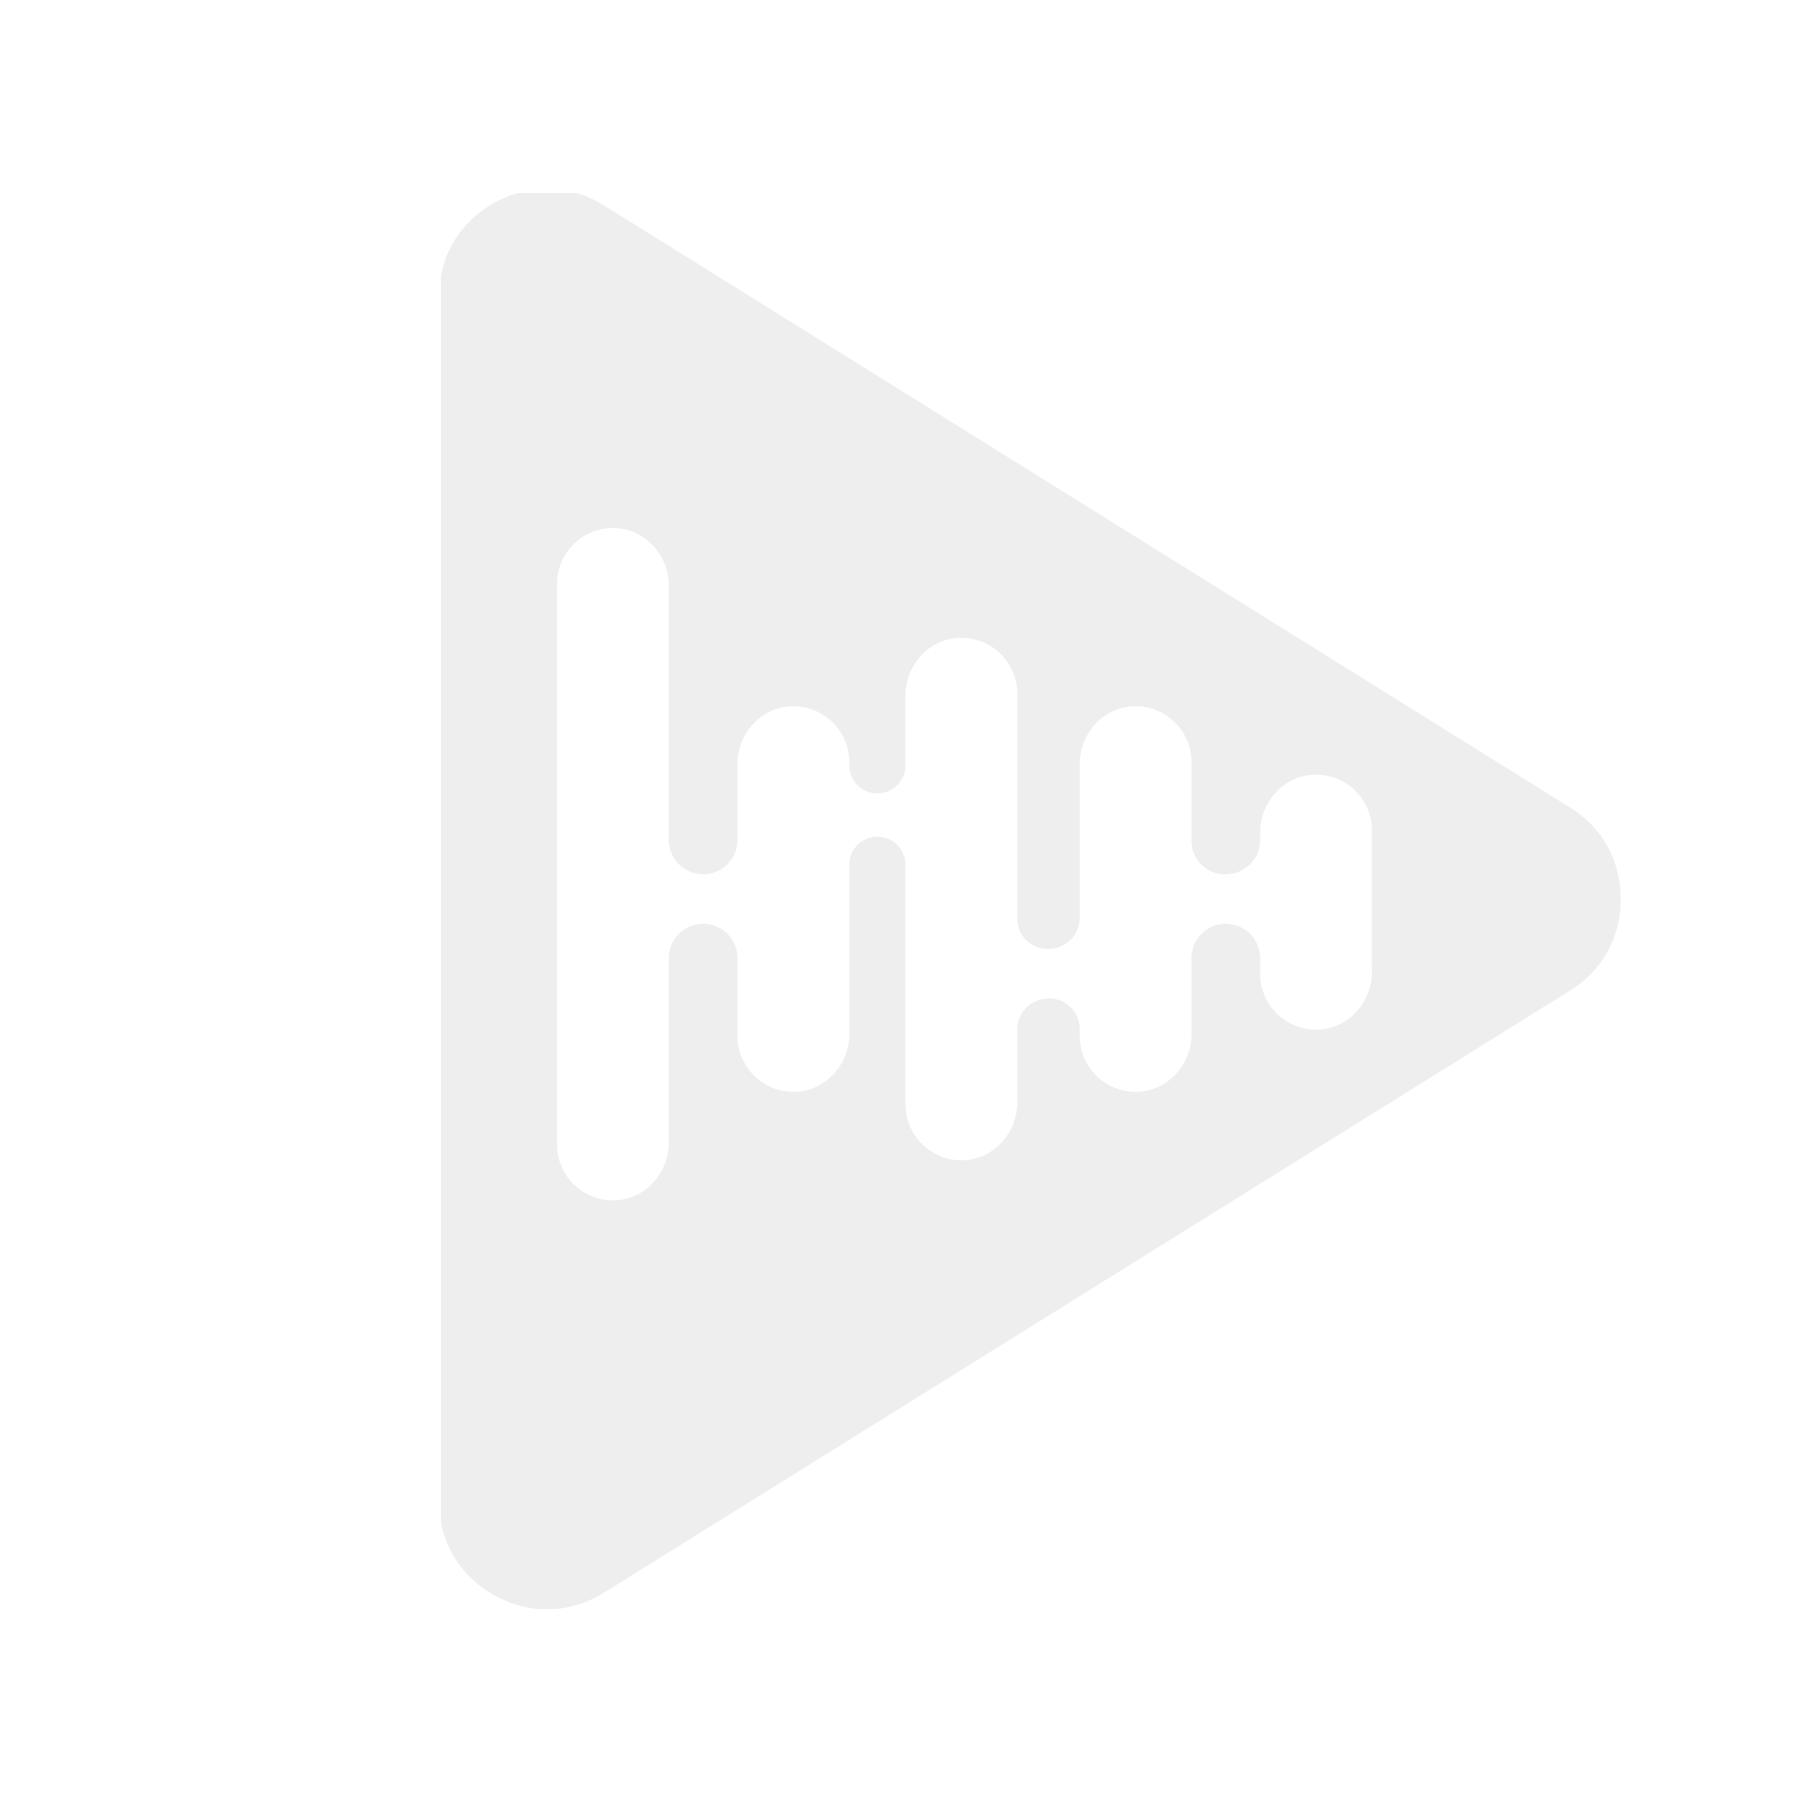 Canton GLE 496 - Gulvstående høyttaler, sort